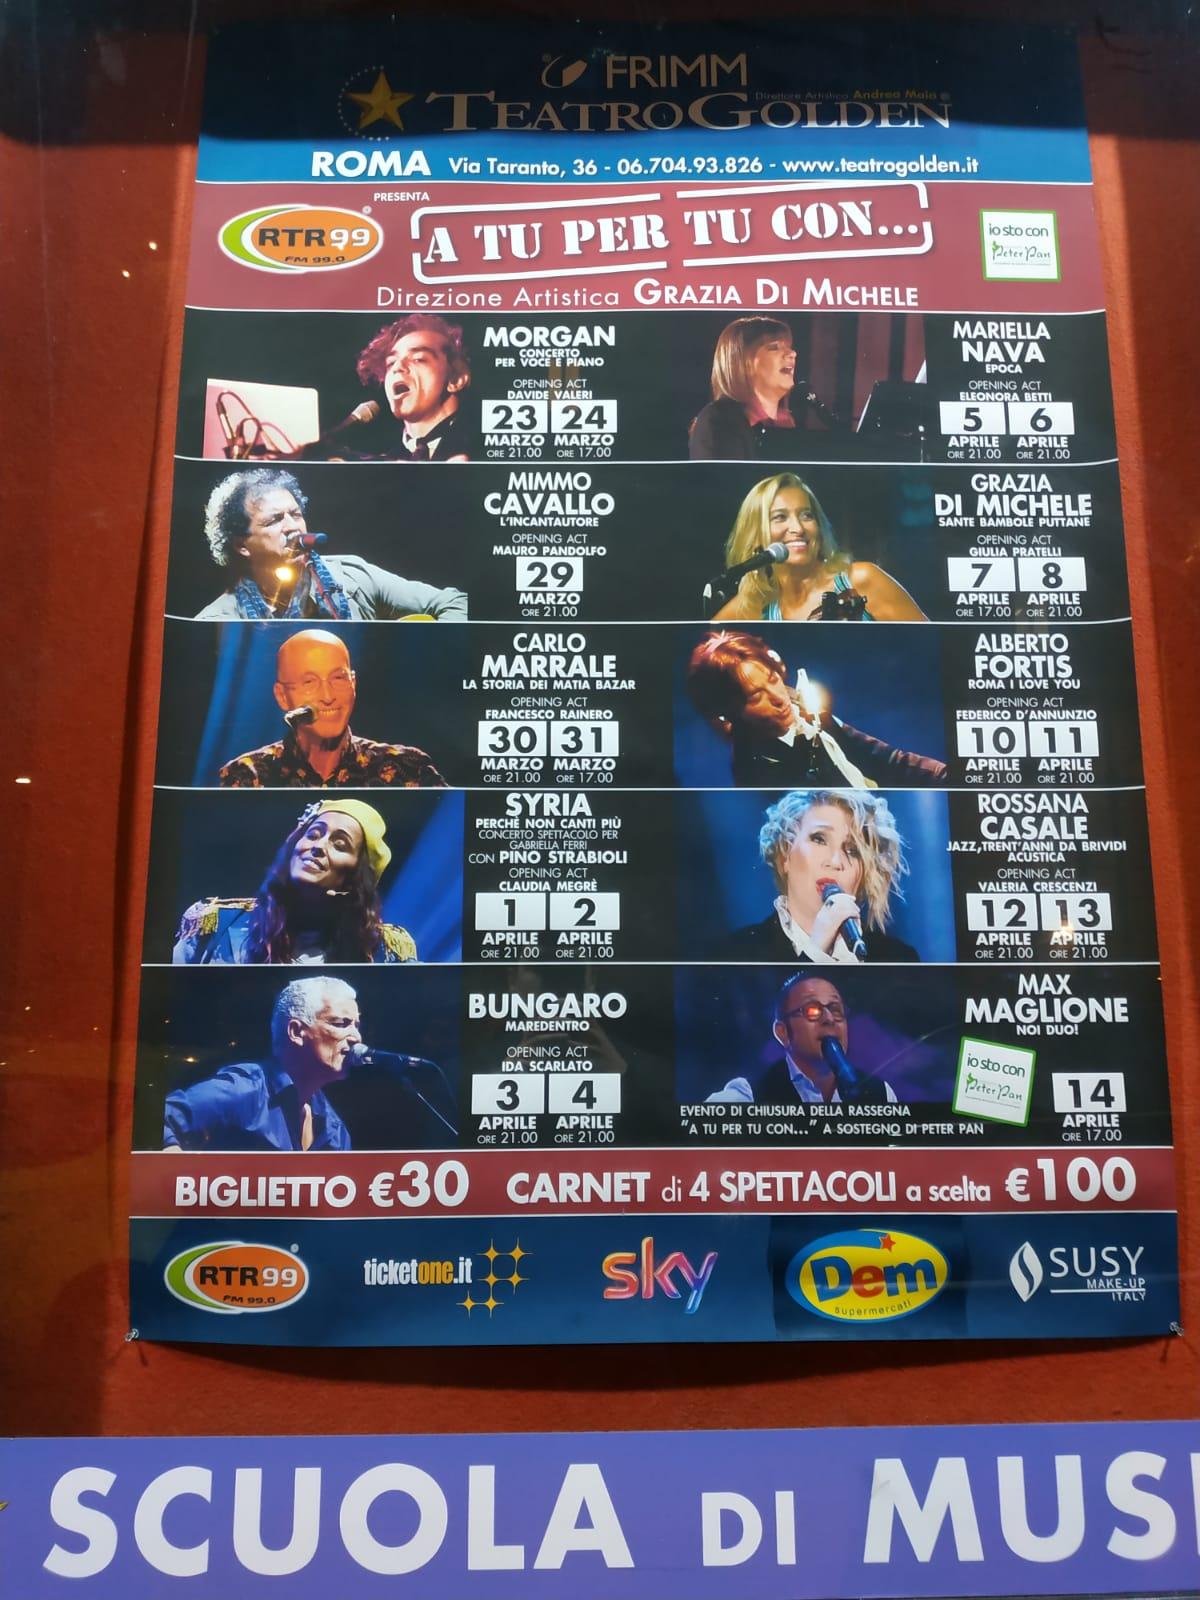 MUSICA A tu per tu con… 18 concerti al Teatro Golden